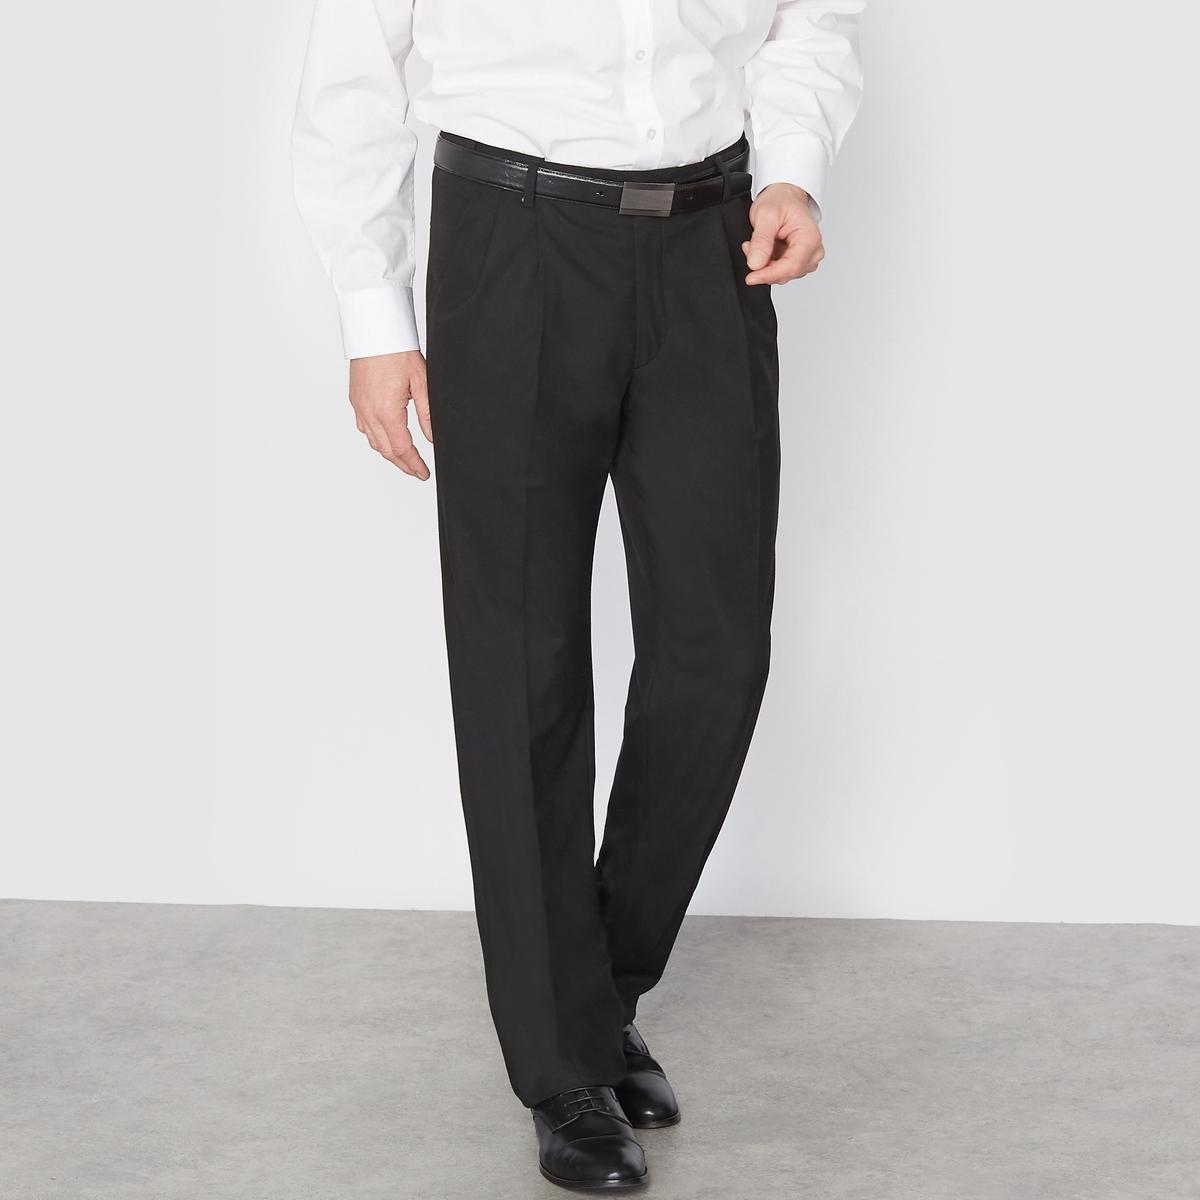 Брюки от костюма с защипами из ткани стретч, длина. 2Брюки можно носить с пиджаком, для создания элегантного и строгого ансамбля, или отдельно.Высококачественная слегка эластичная ткань, 62% полиэстера, 33% вискозы, 5% эластана. Подкладка 100% полиэстер.Длина 2 : при росте от 187 см. Пояс с потайной регулировкой для максимального комфорта и адаптации к любому обхвату талии. Застежка на молнию, пуговицу и крючок. 2 косых кармана. 1 прорезной карман с пуговицей сзади. Необработанный низ. Длина 2 : при росте от 187 см :- Длина по внутр.шву : 91,8-94,8 см, в зависимости от размера. - Ширина по низу : 21,9-27,9 см, в зависимости от размера. Есть также модель длины 1 : при росте до 187 см. Есть также модель без защипов.<br><br>Цвет: антрацит,темно-синий,черный<br>Размер: 62.46 (FR) - 52 (RUS).56.60.62.68.62.72